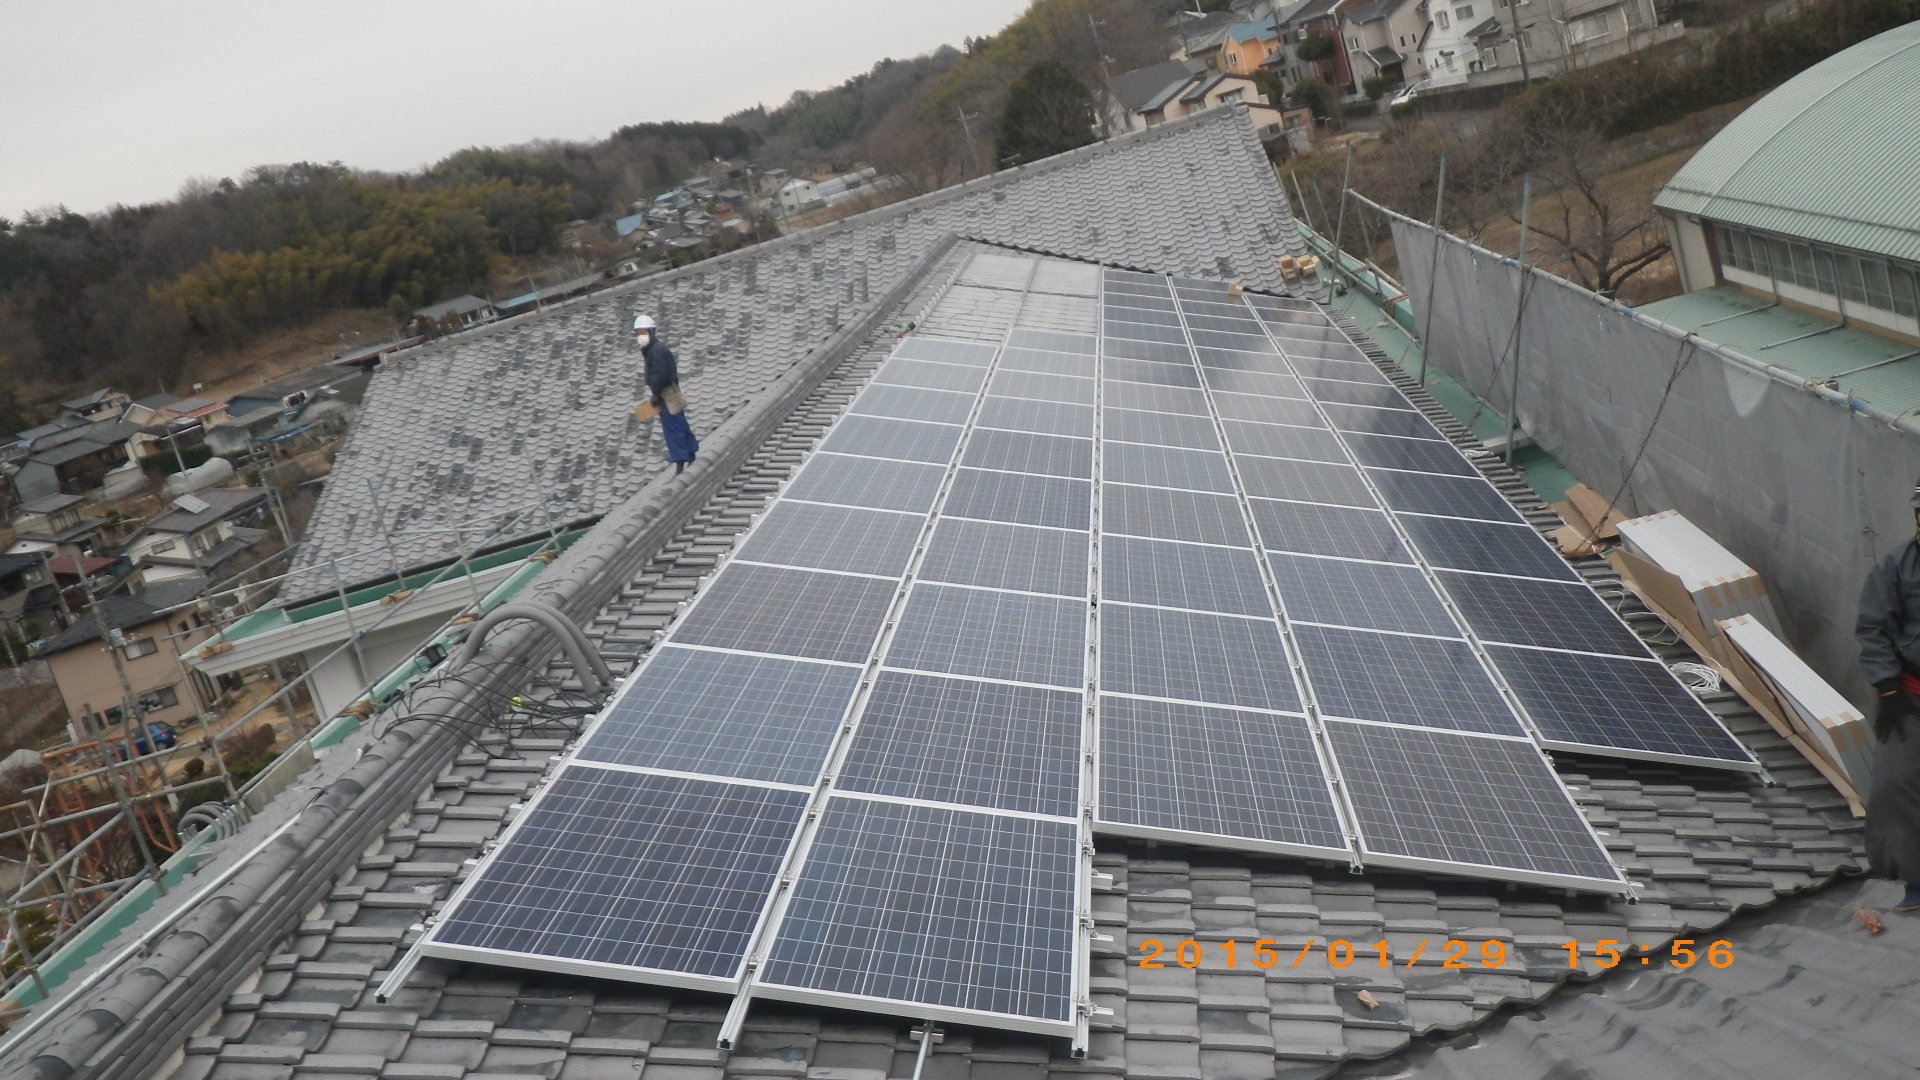 某公共施設で太陽光パネルを設置しました。